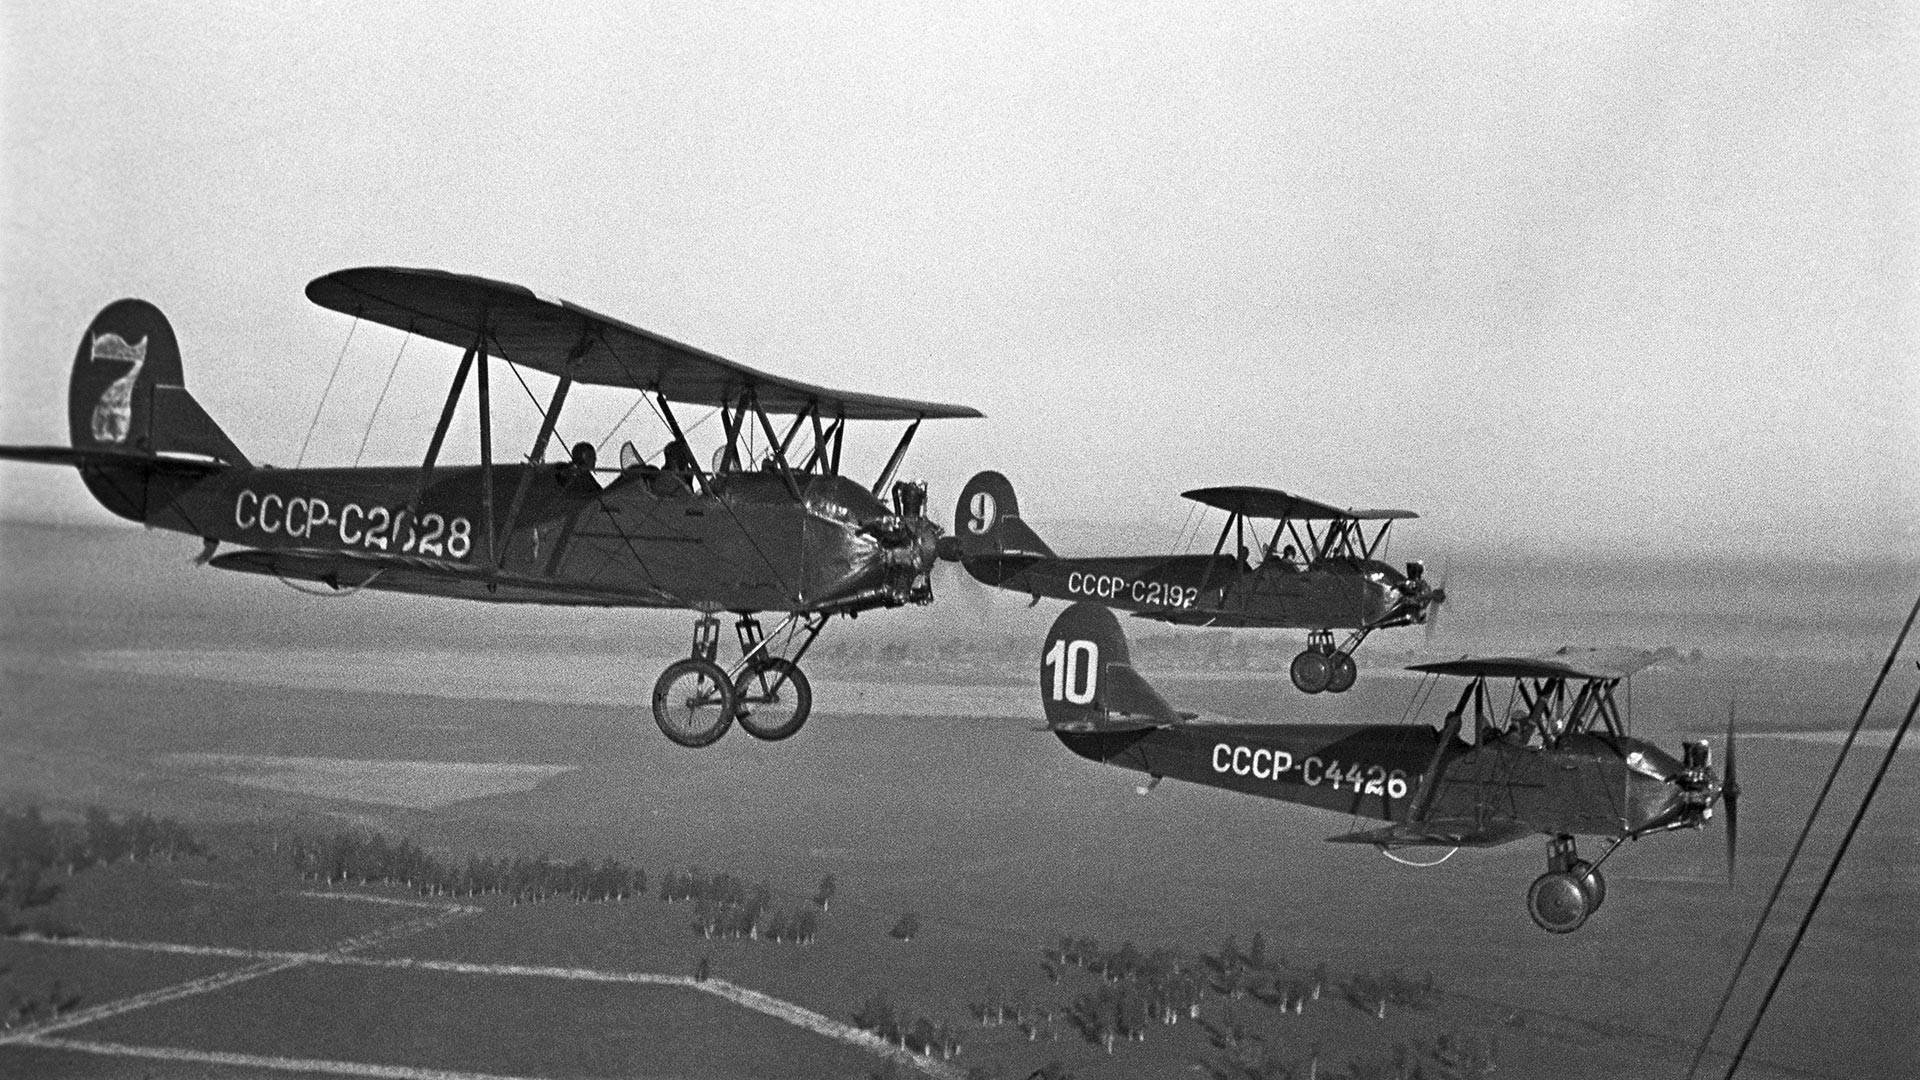 Piloti letalskega kluba mesta Gorki (danes Nižni Novgorod) leta 1940 z letalu U-2